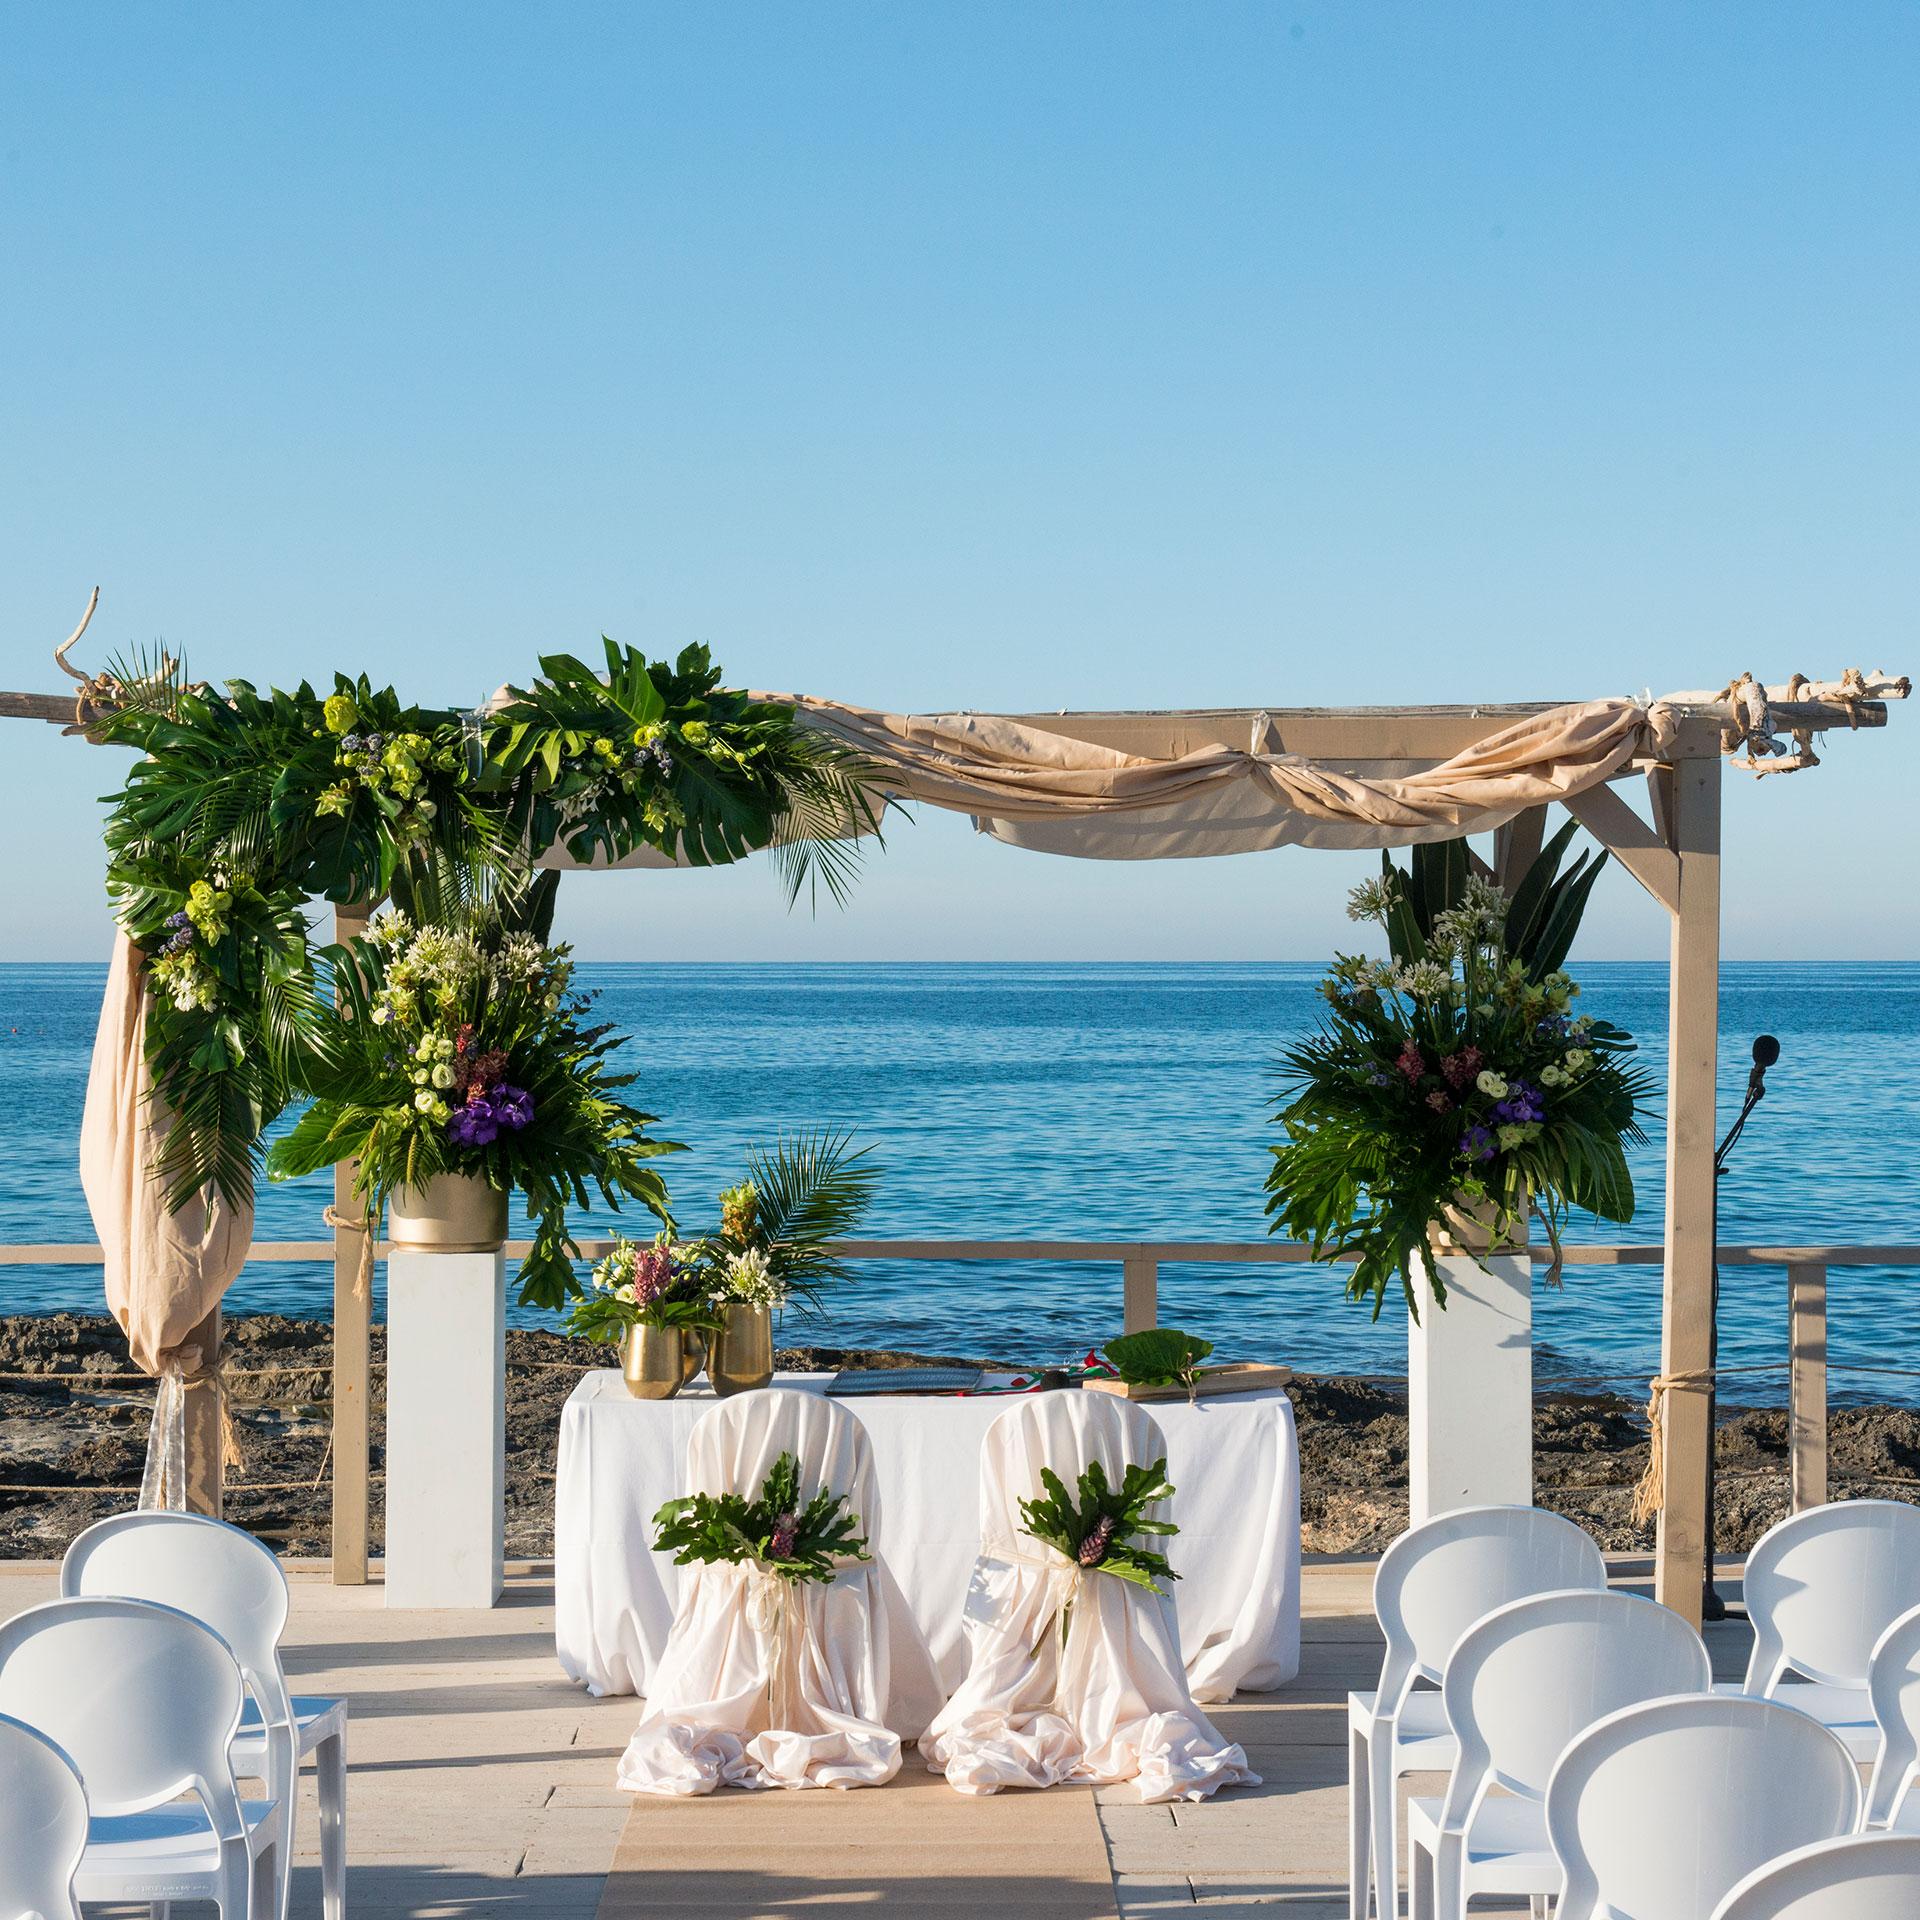 Matrimonio Sulla Spiaggia In Italia : Coco wedding il tuo meraviglioso matrimonio in puglia sul mare